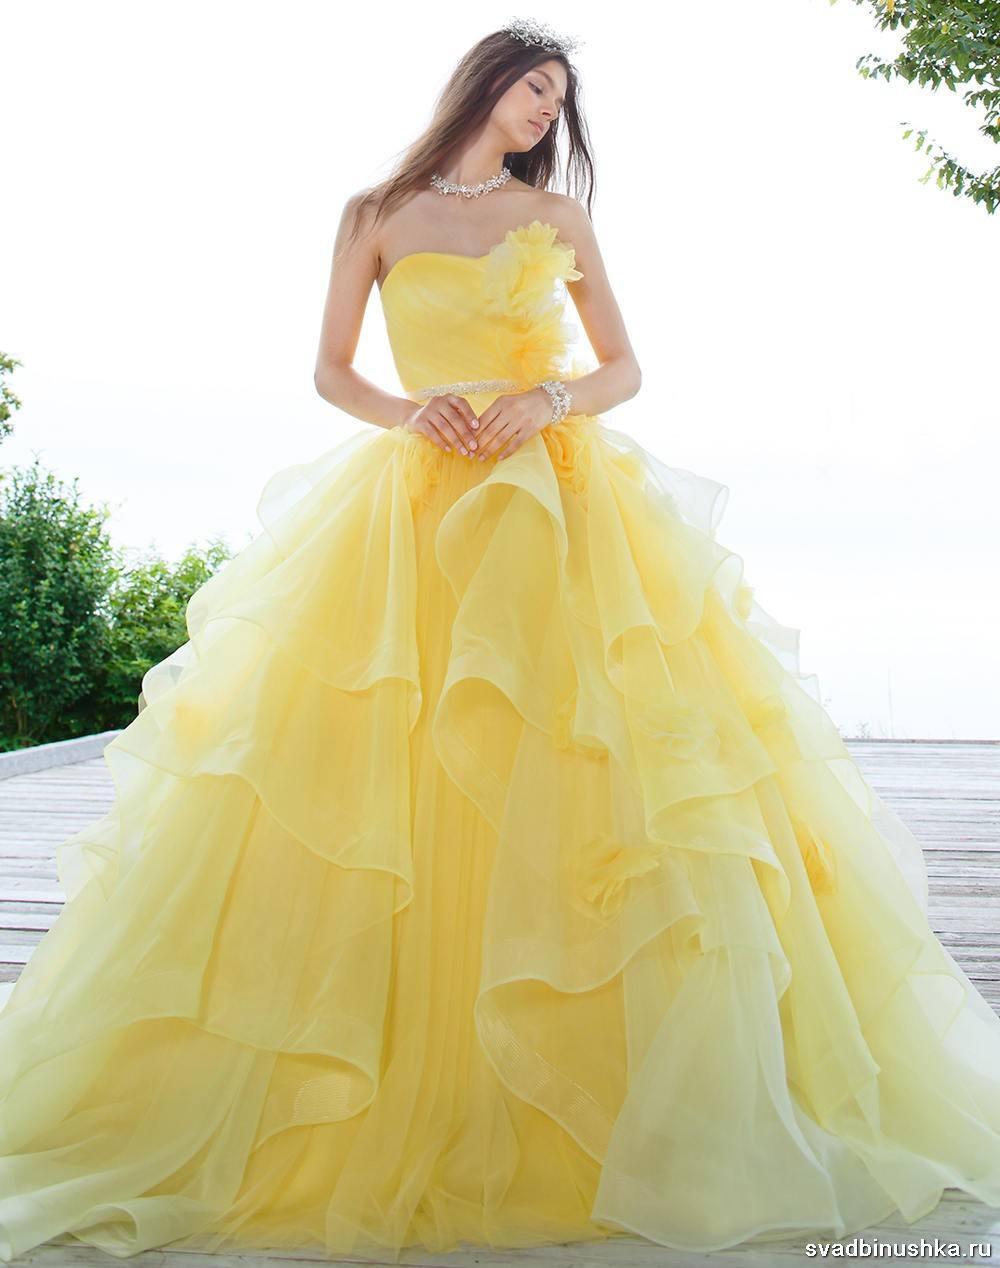 Vestido Amarelo 70 Idéias De Fotos Elegantes Para Uma